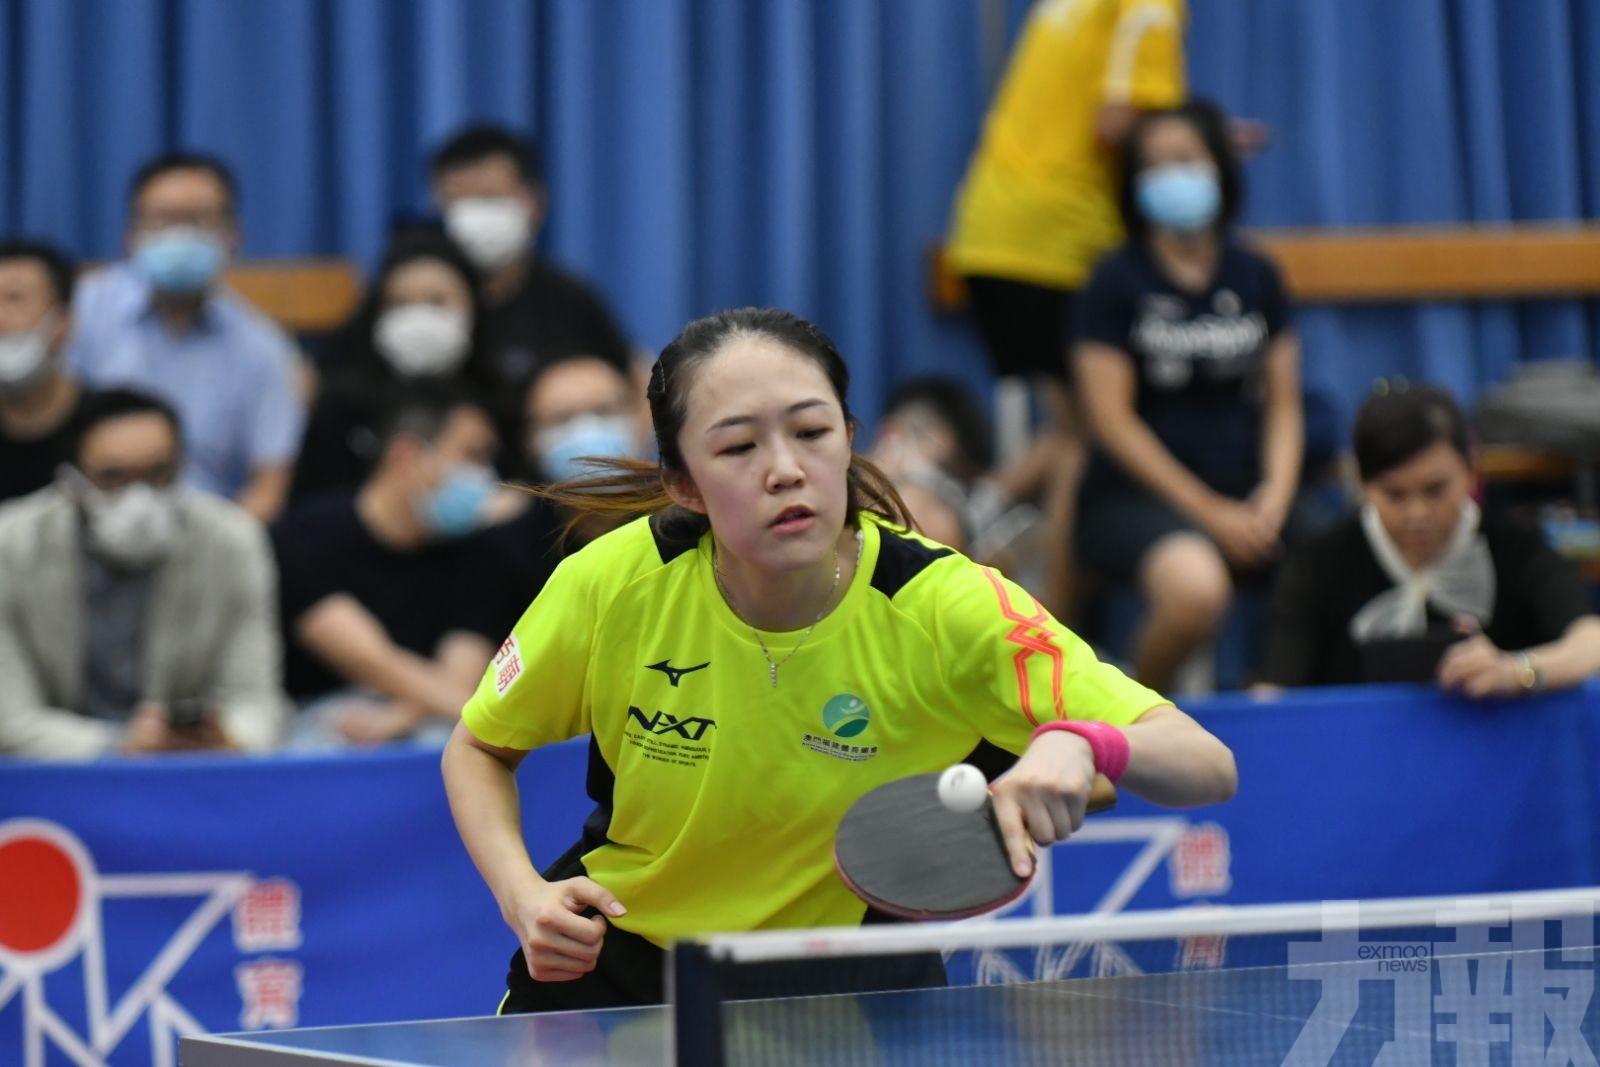 王駿黎安娜分奪男女單錦標